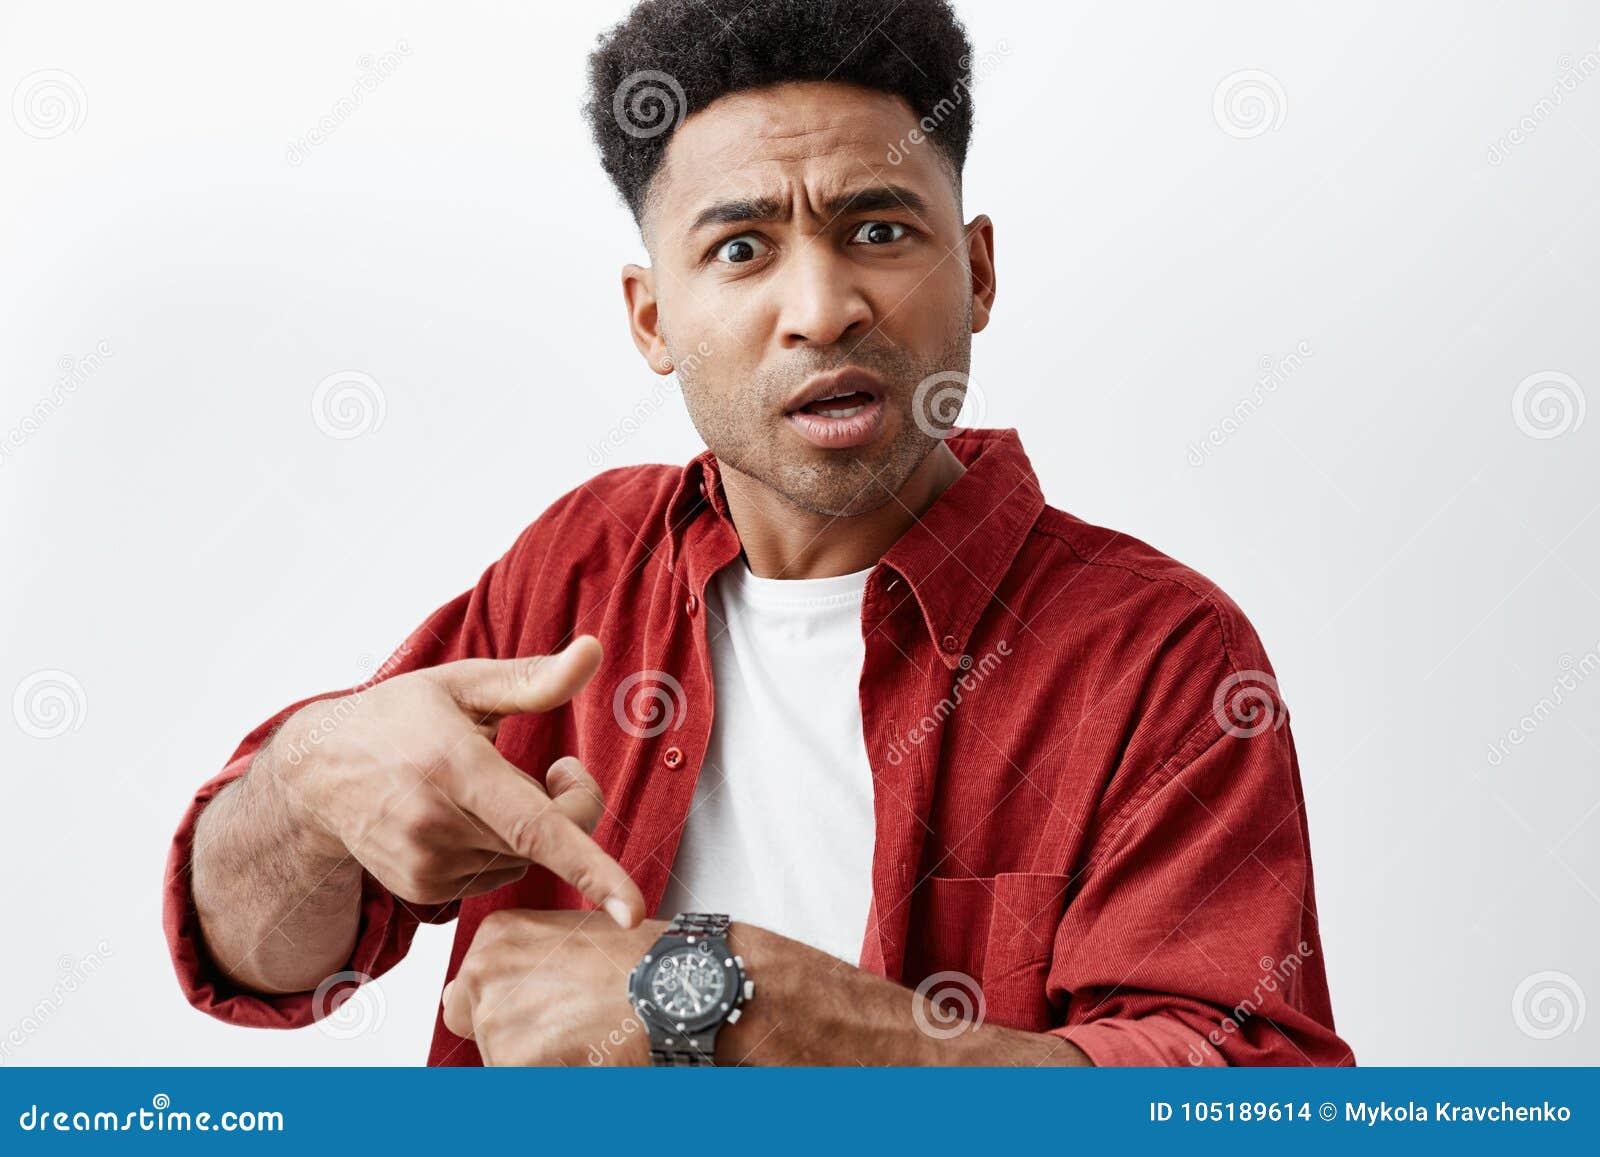 Zamyka w górę portreta młody przystojny skinned mężczyzna z afro fryzurą w przypadkowej białej koszulce pod czerwoną koszula